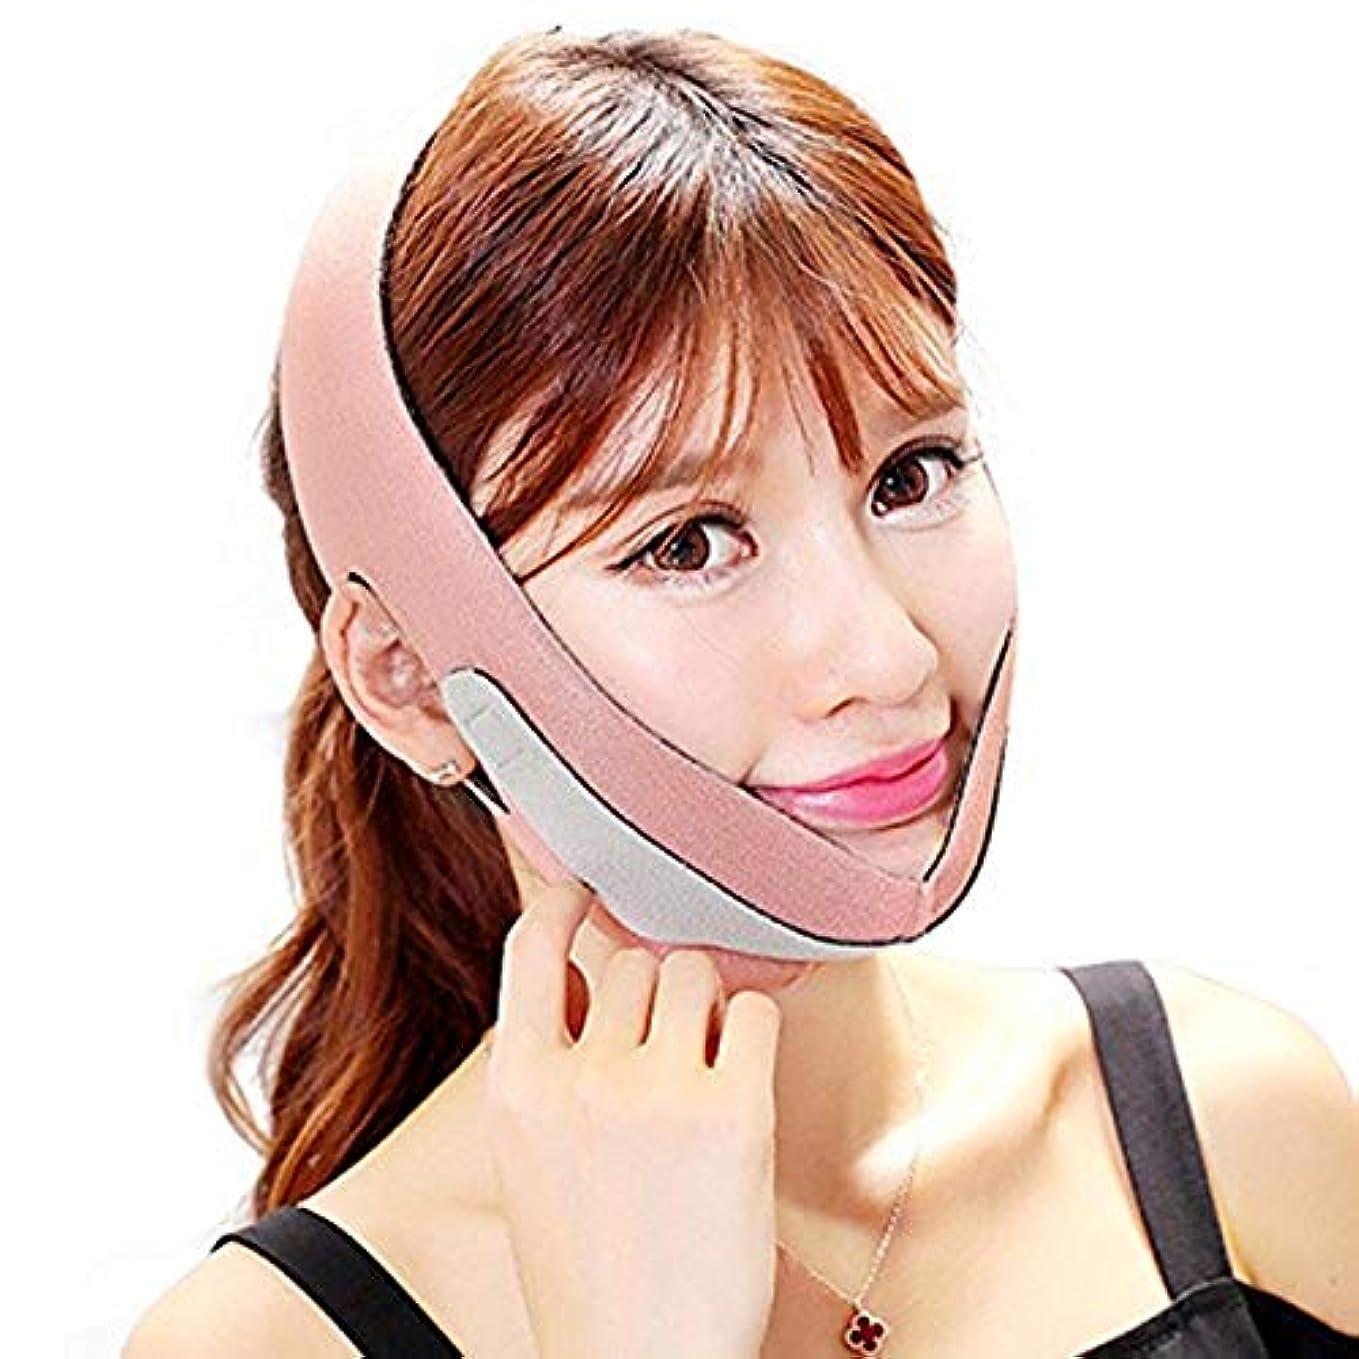 呼び出す繊細減る小顔 矯正 美顔 顔痩せ グッズ フェイス マスク ベルト コルセット メンズ サポーター